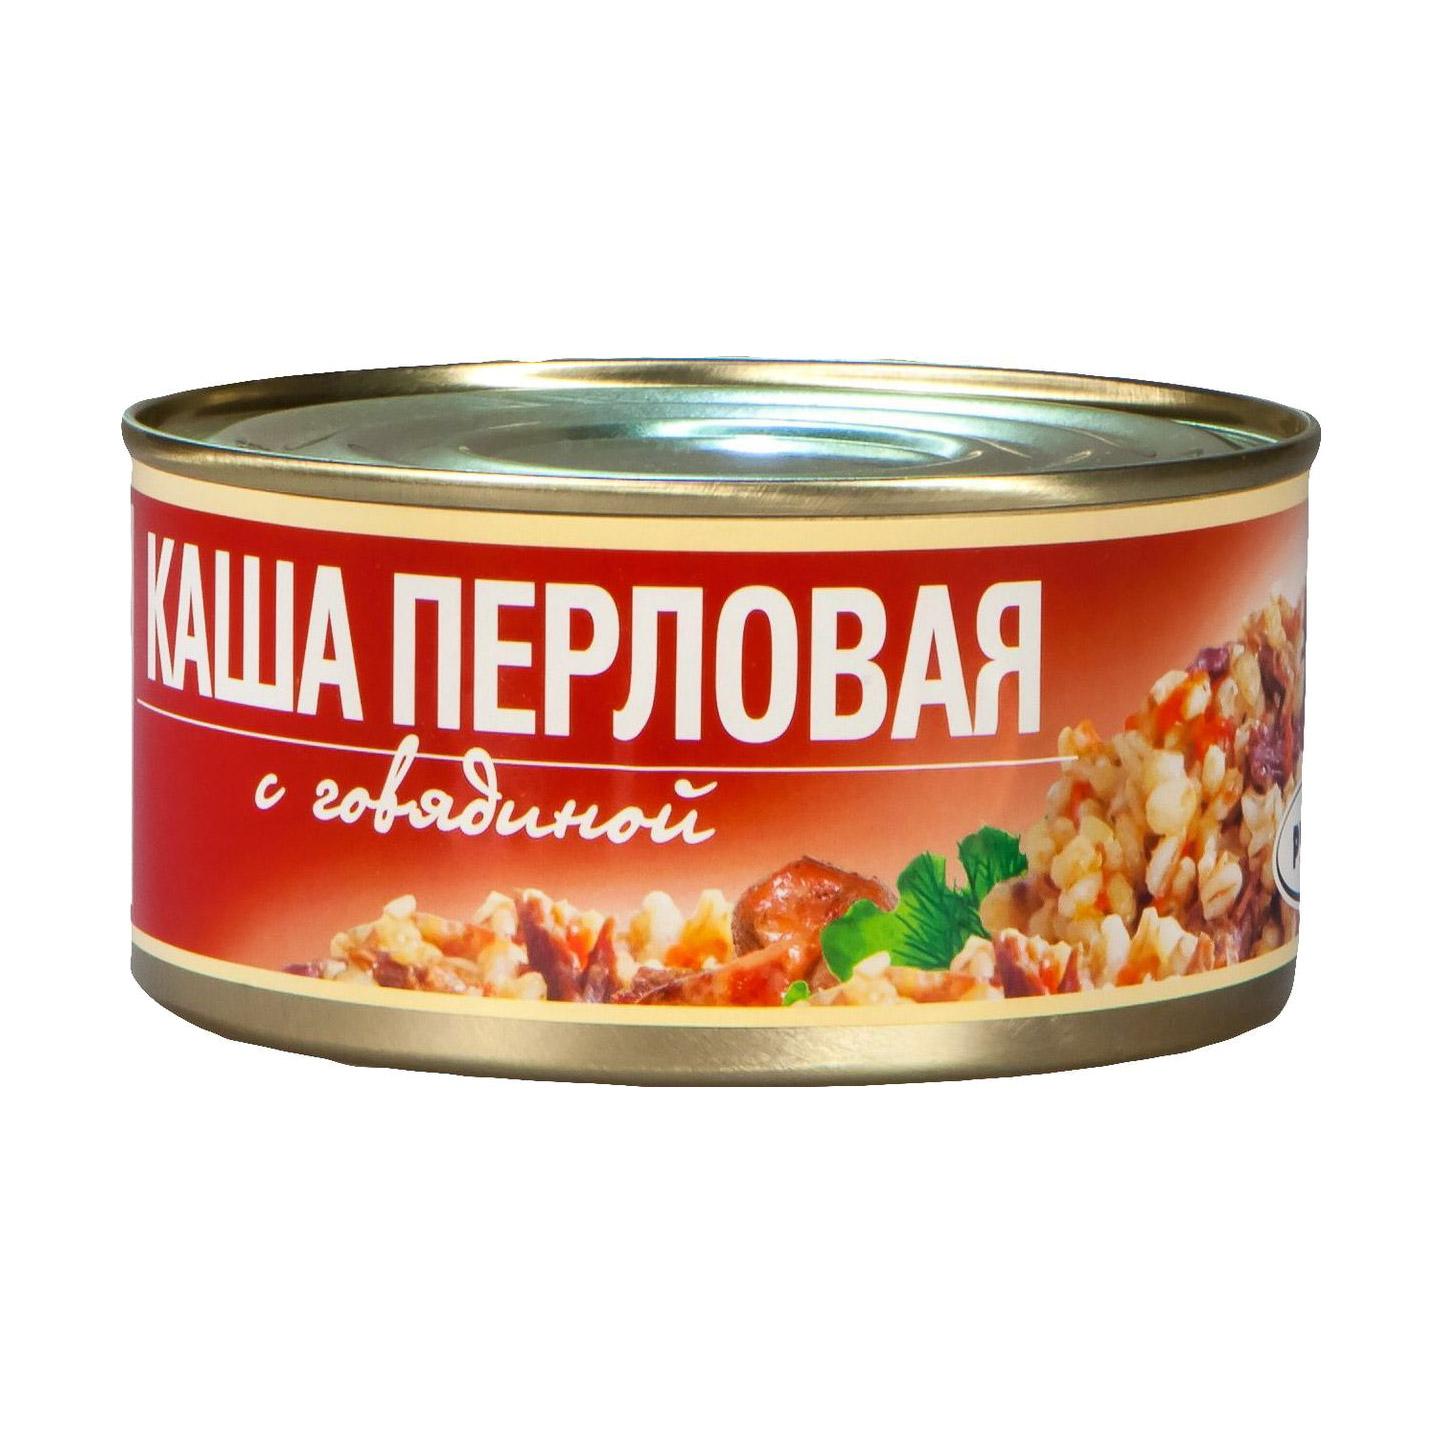 Фото - Каша перловая Рузком с говядиной 325 г плов рузком узбекский с говядиной 325 г